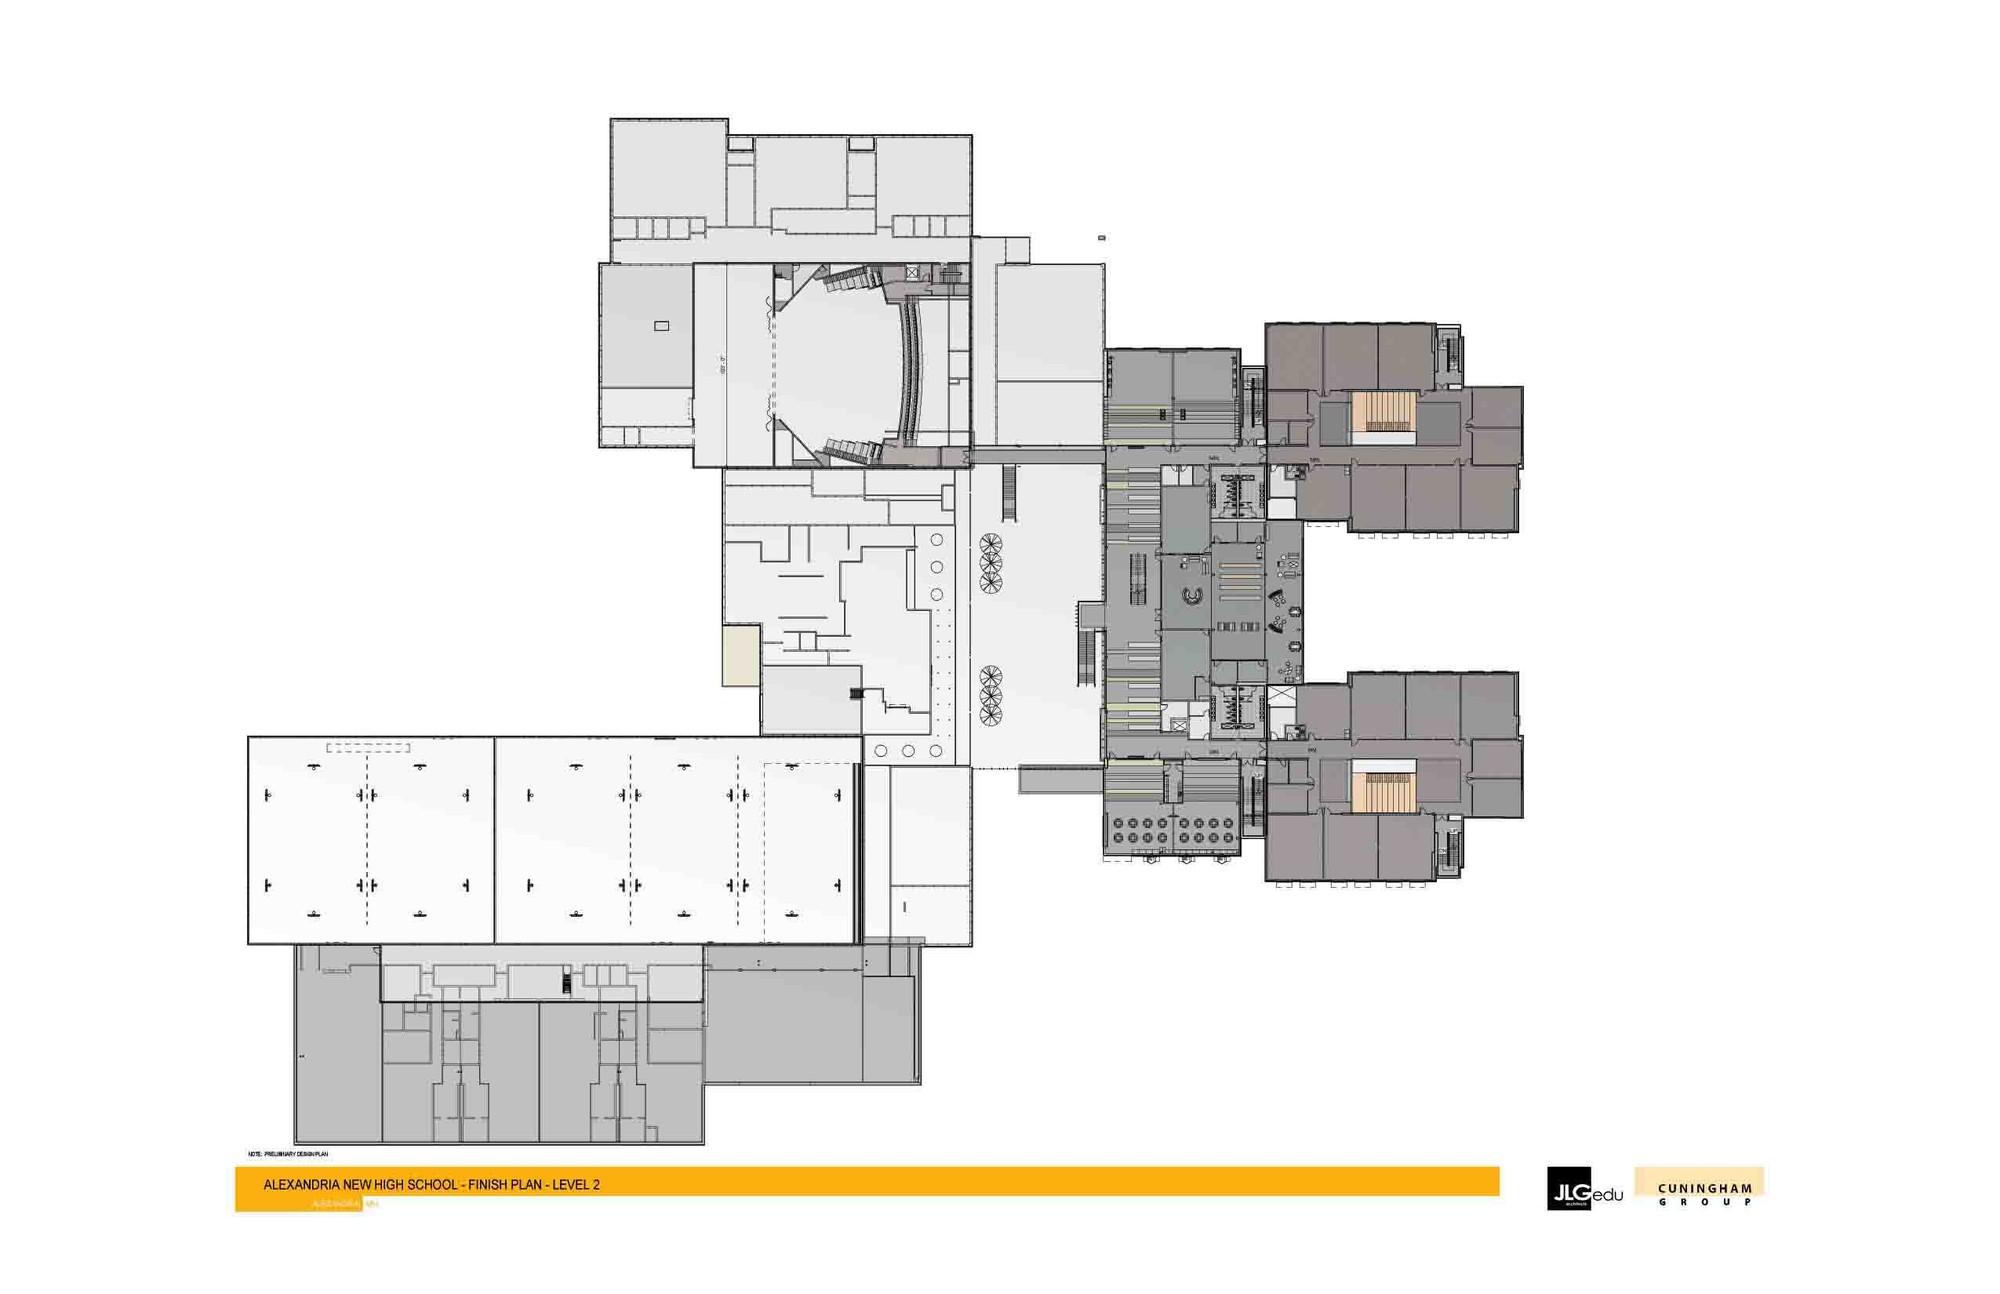 High School Floor Plan Design